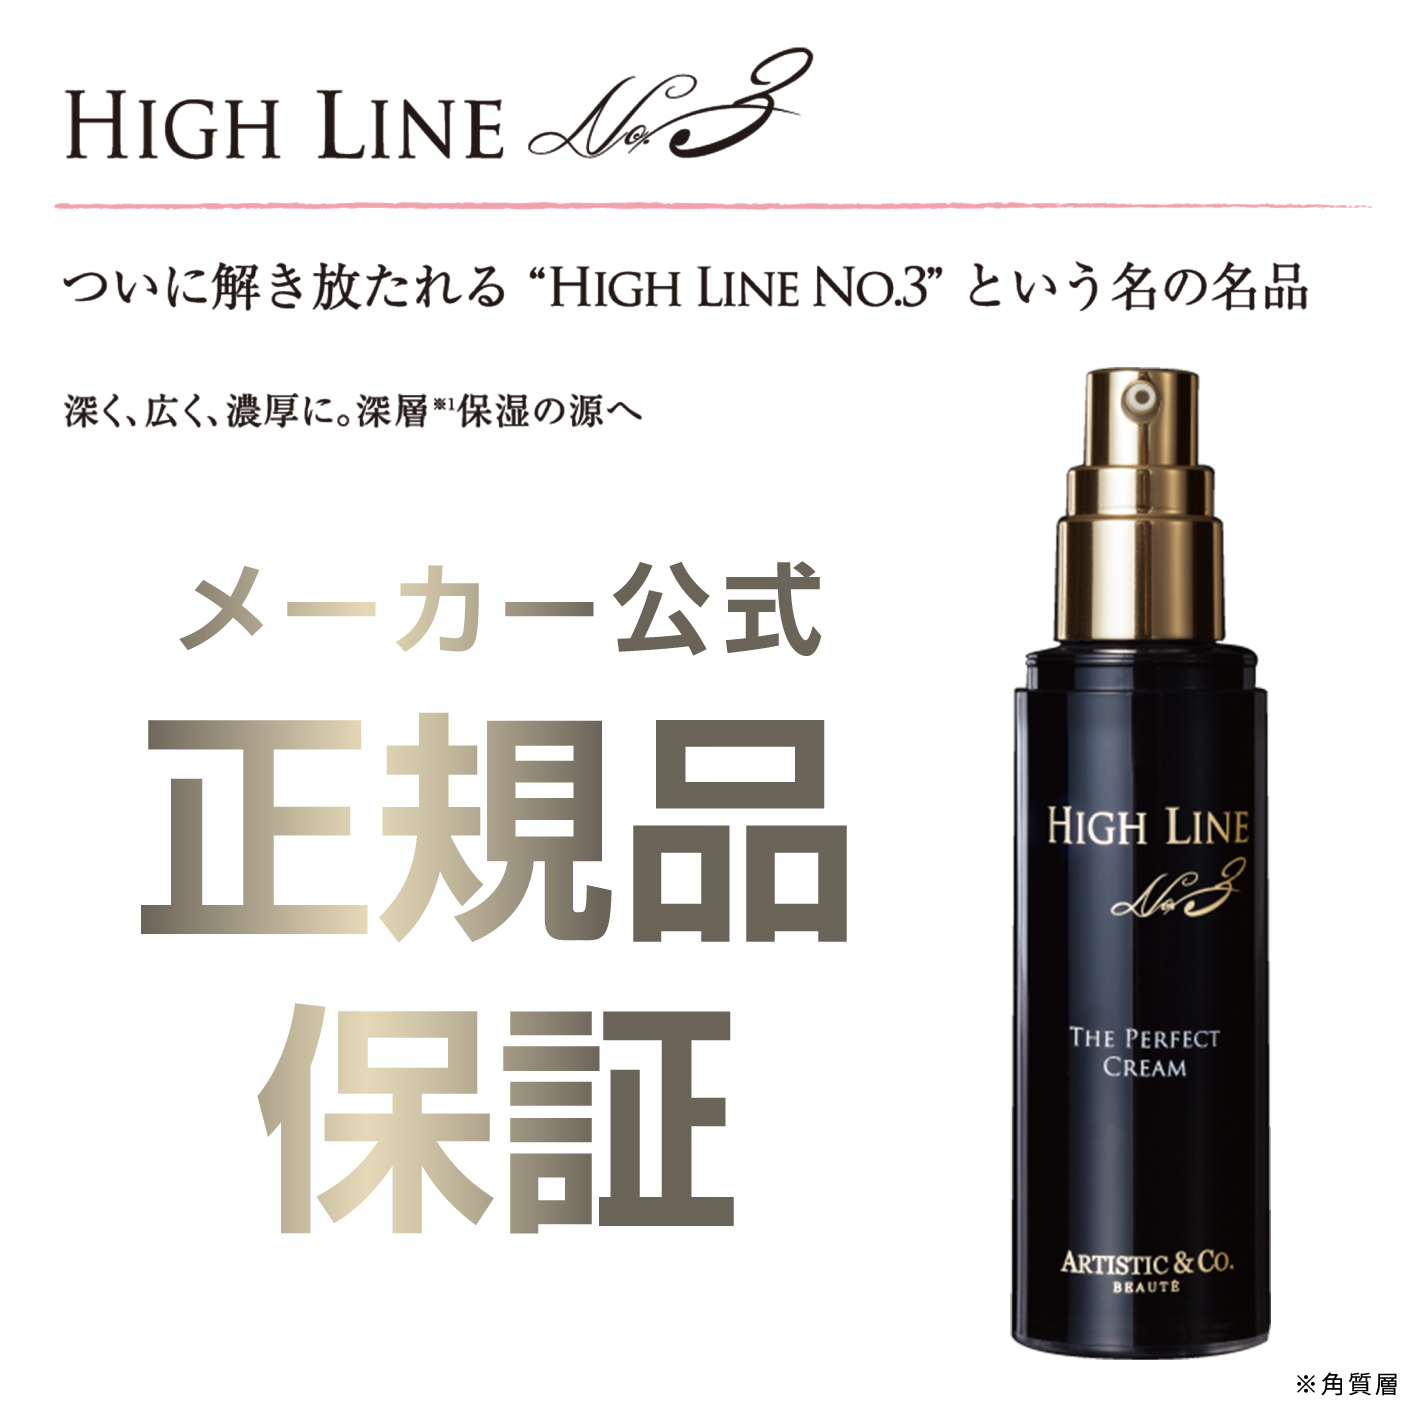 ハイライン No.3-50g- 【化粧品 コスメ オイル マッサージオイル 保湿 角質 乾燥】